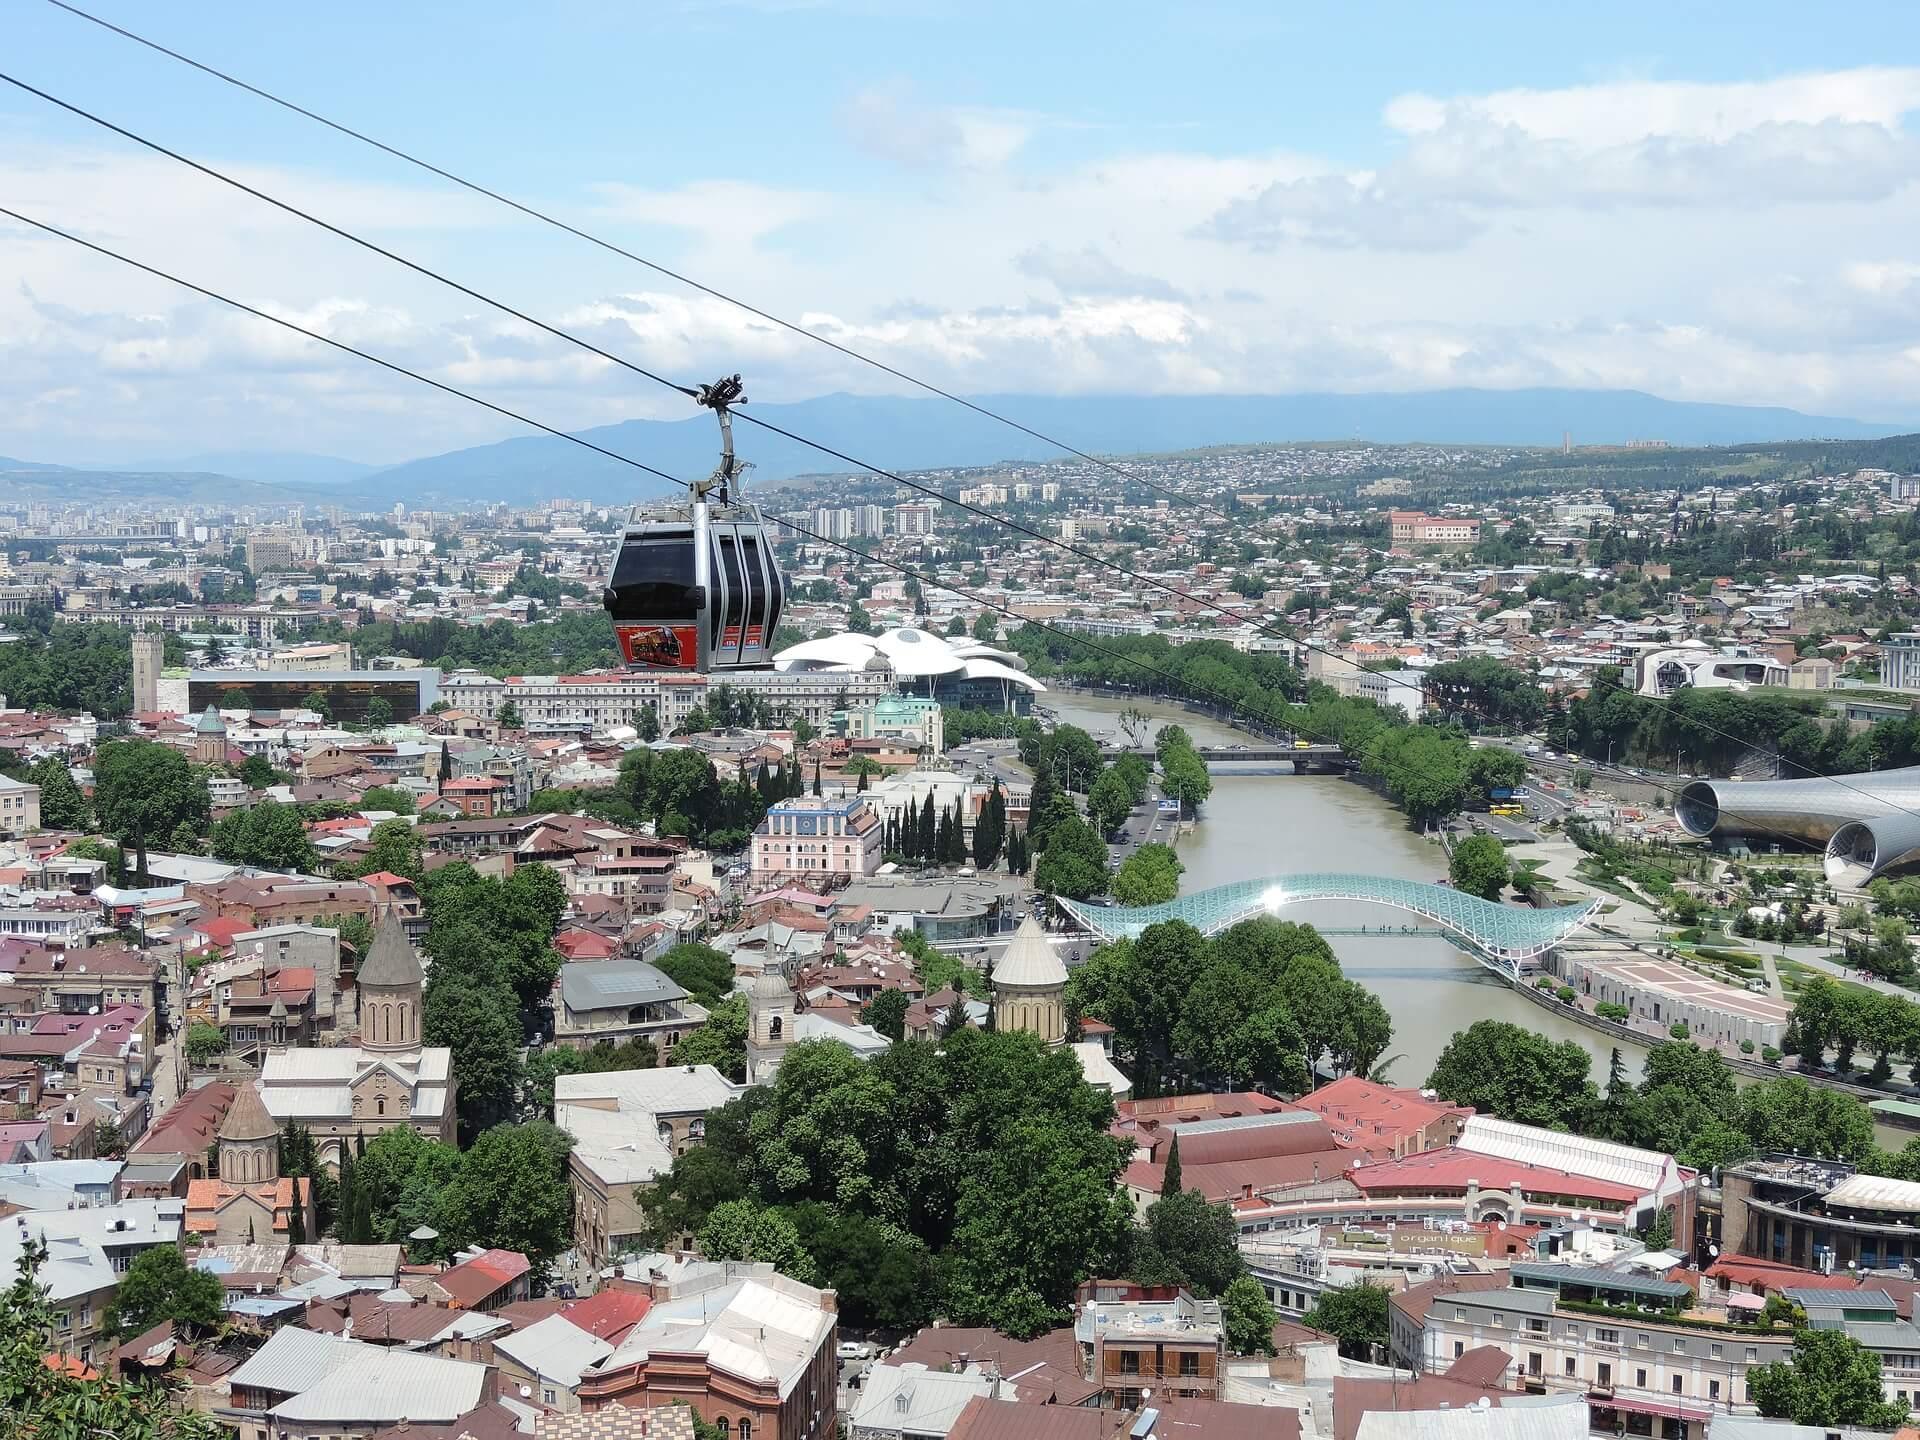 Direktflüge und Billigflüge ab Wien nach Tbilisi